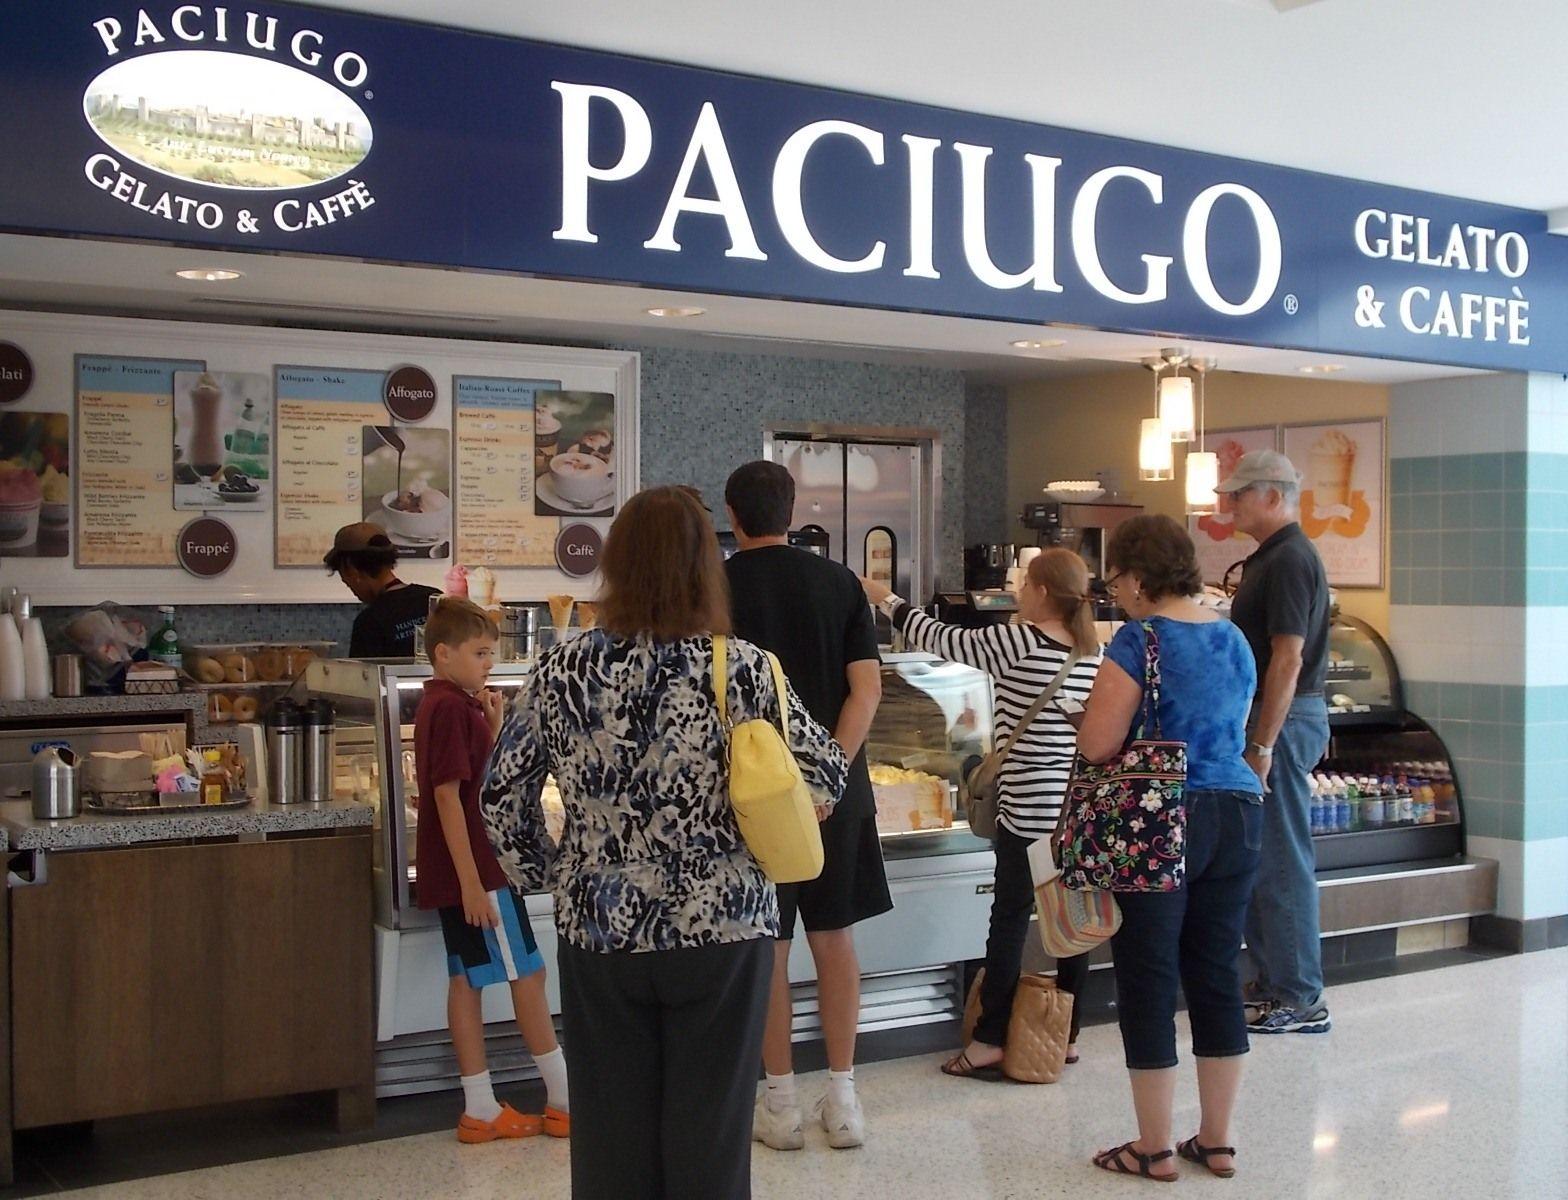 Paciugo Gelato & Caffè in Concourse C  #cleveland #airport #hopkins http://www.clevelandairport.com/